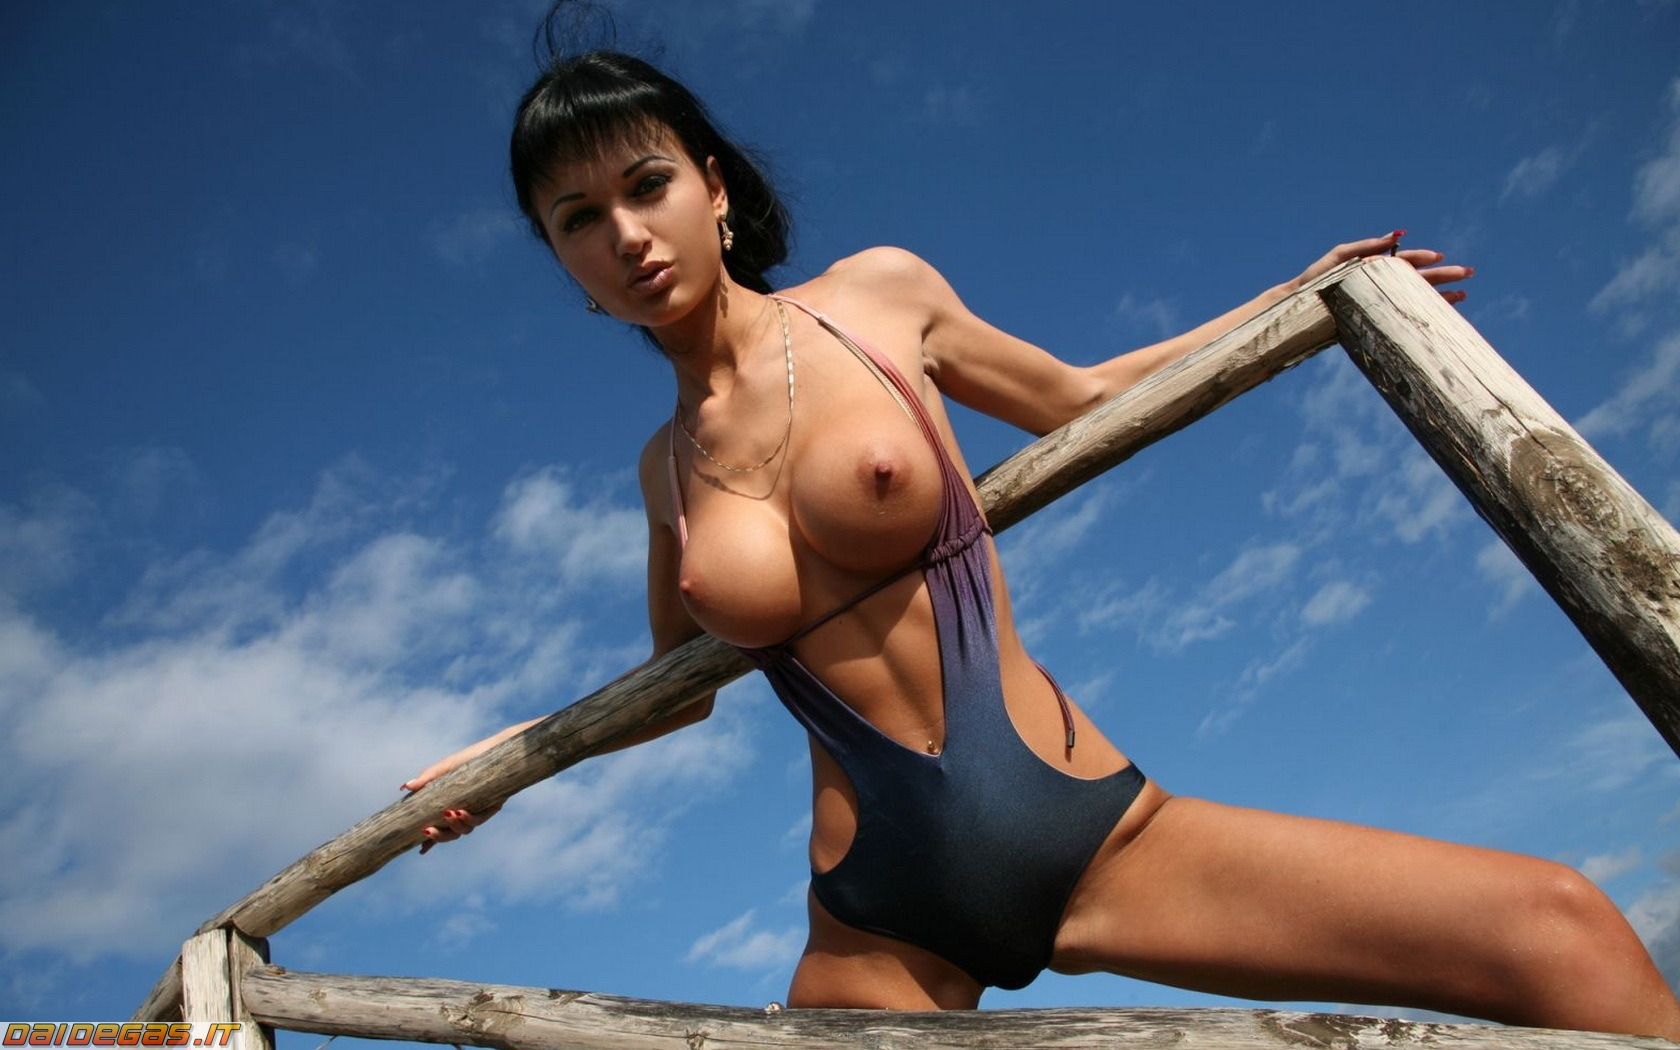 Картинки голые модели в купальниках #1